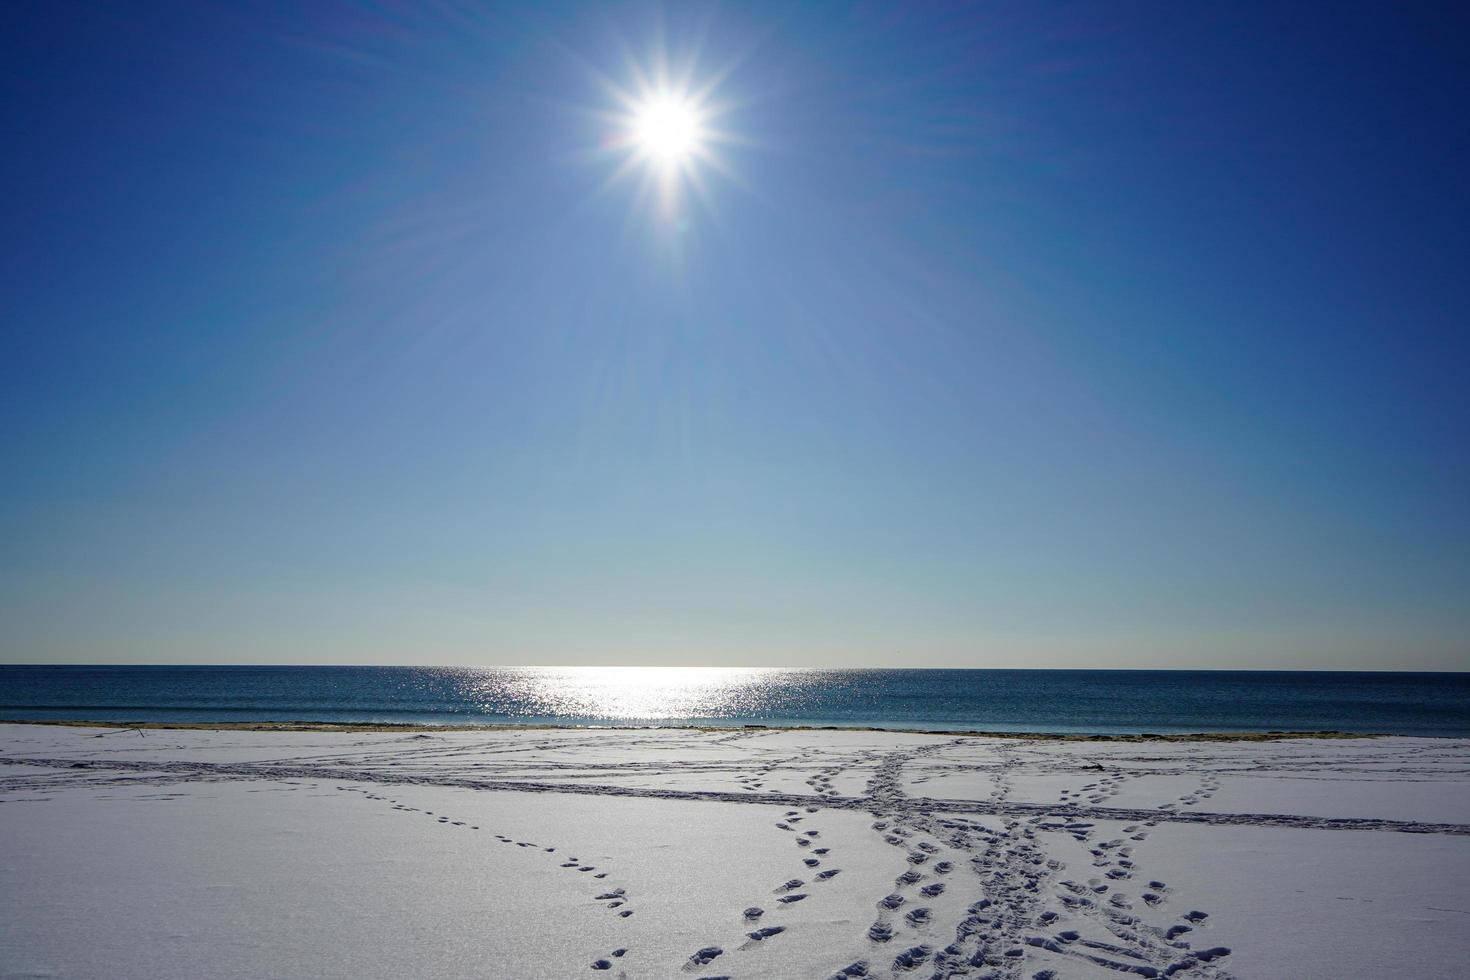 marinmålning med en strand i snö och ljus sol foto